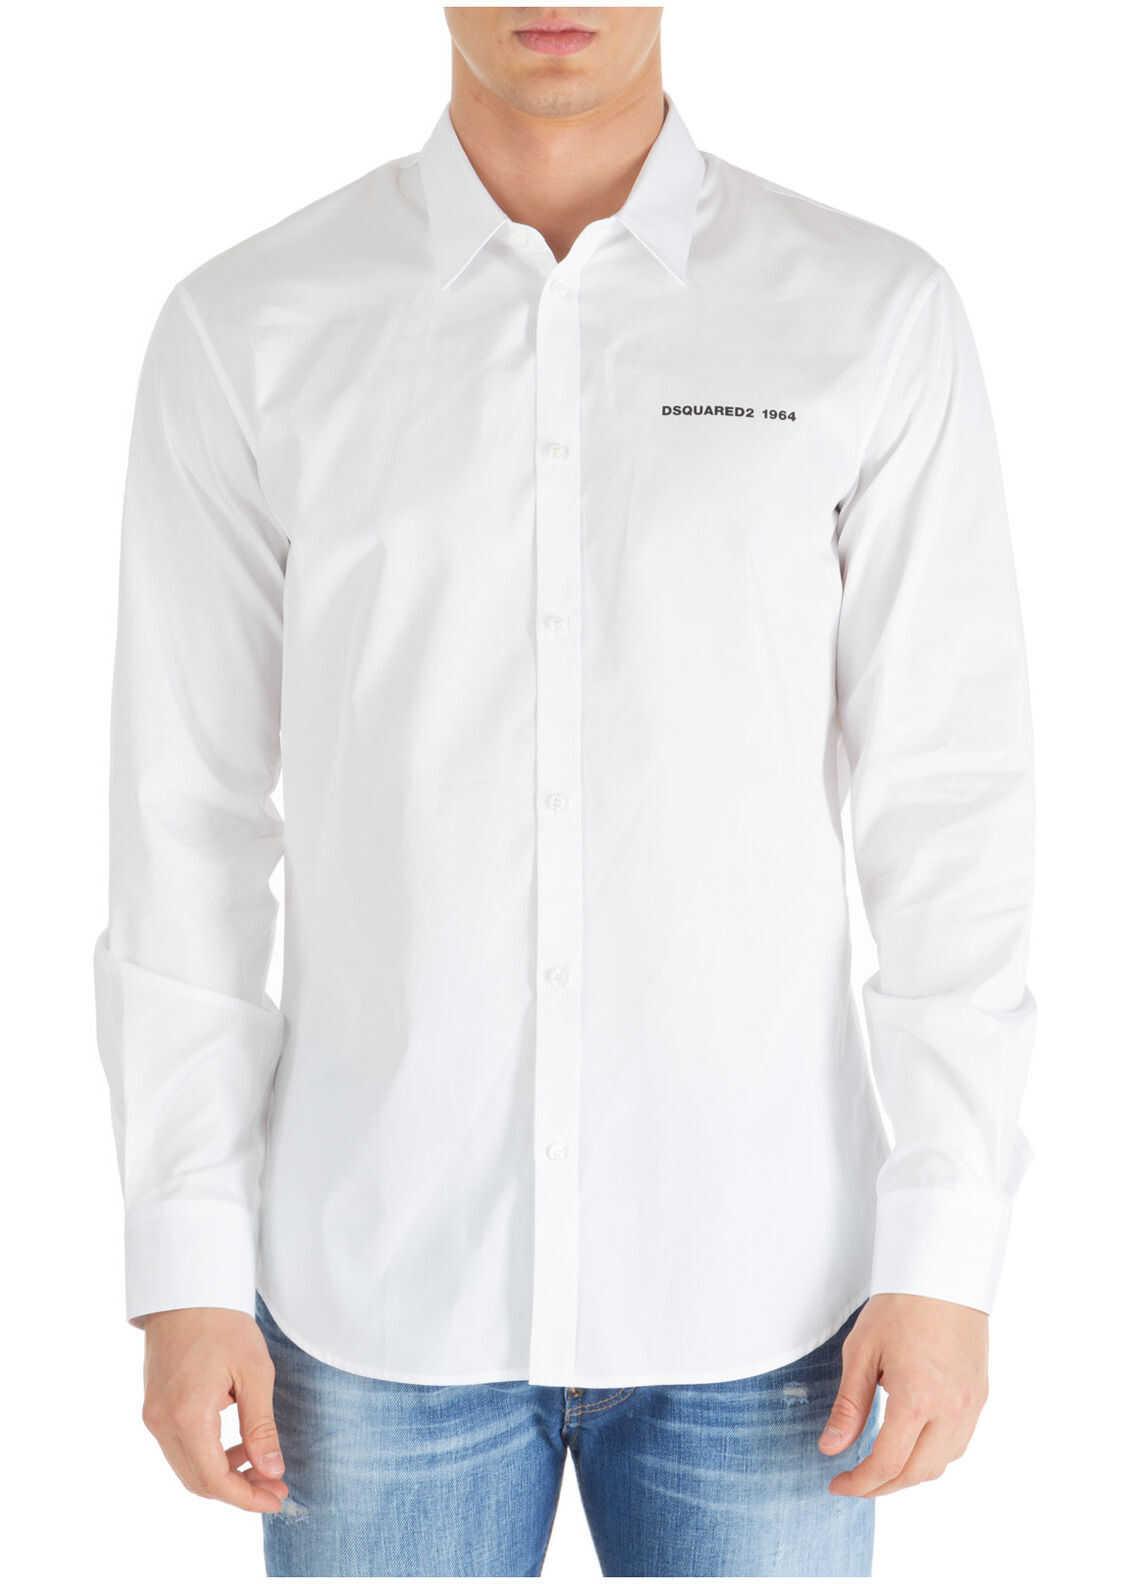 DSQUARED2 Dress Shirt White